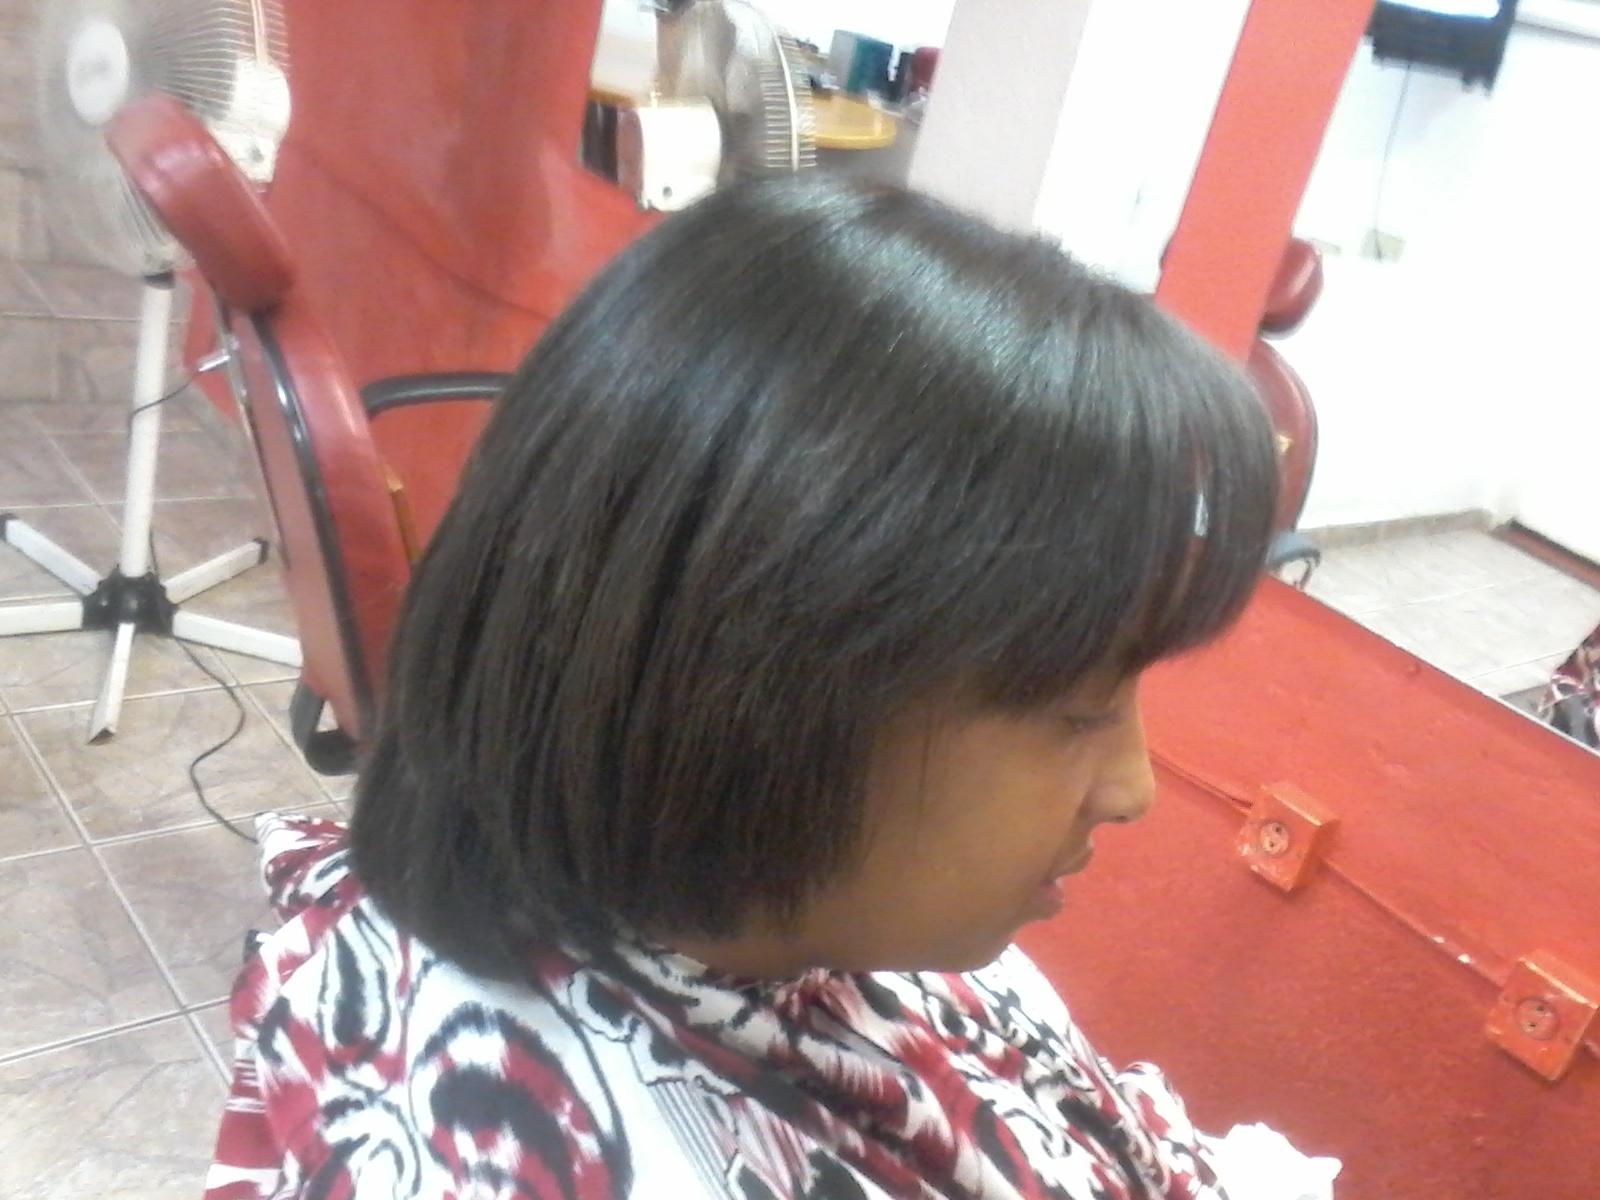 progressiva e corte preparando pra um alongamente Fiz progressiva corte pra colocar alongamento cabeleireiro(a)